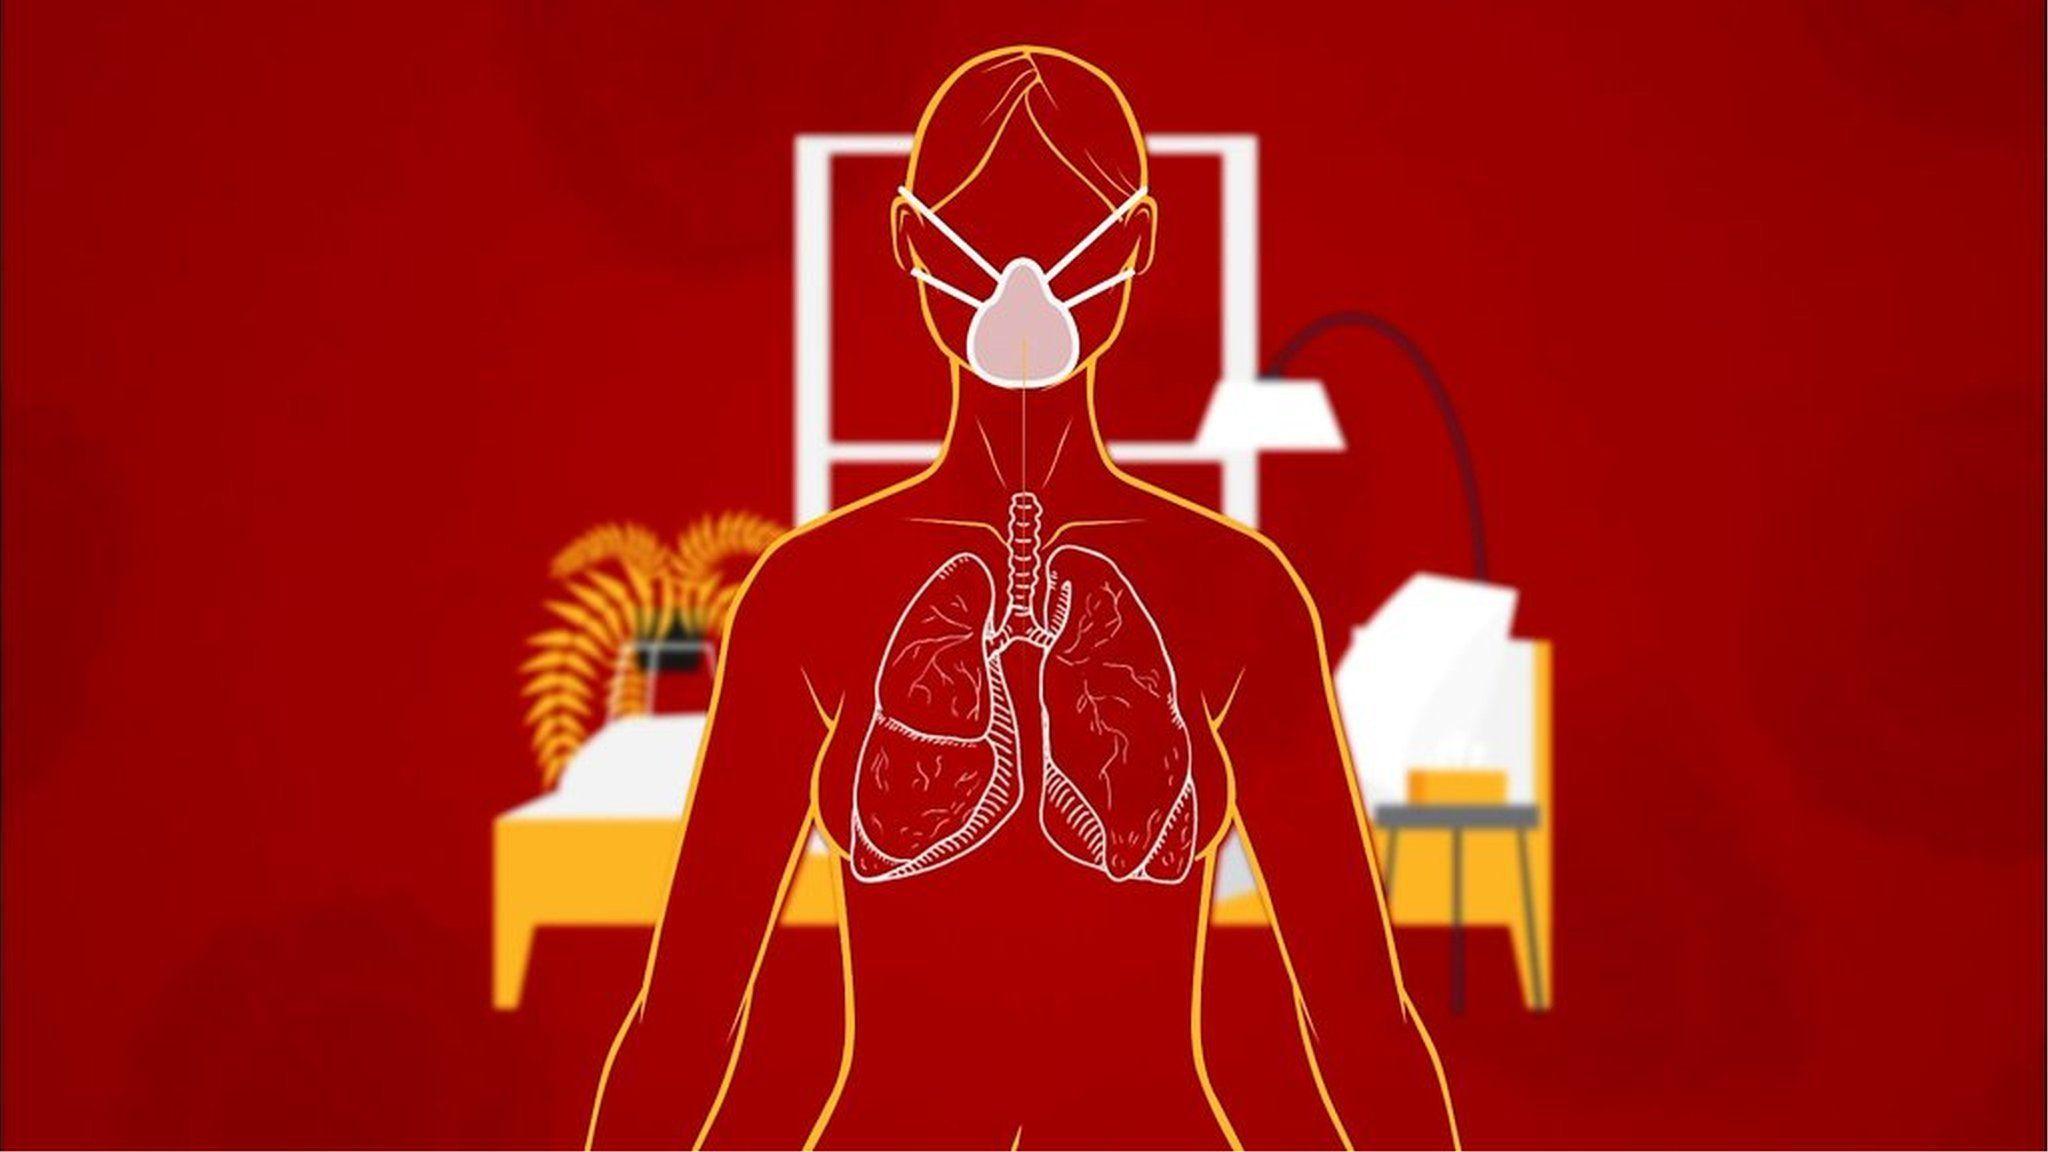 感染から回復まで、何日くらいかかる? 身体と精神に大切なこと